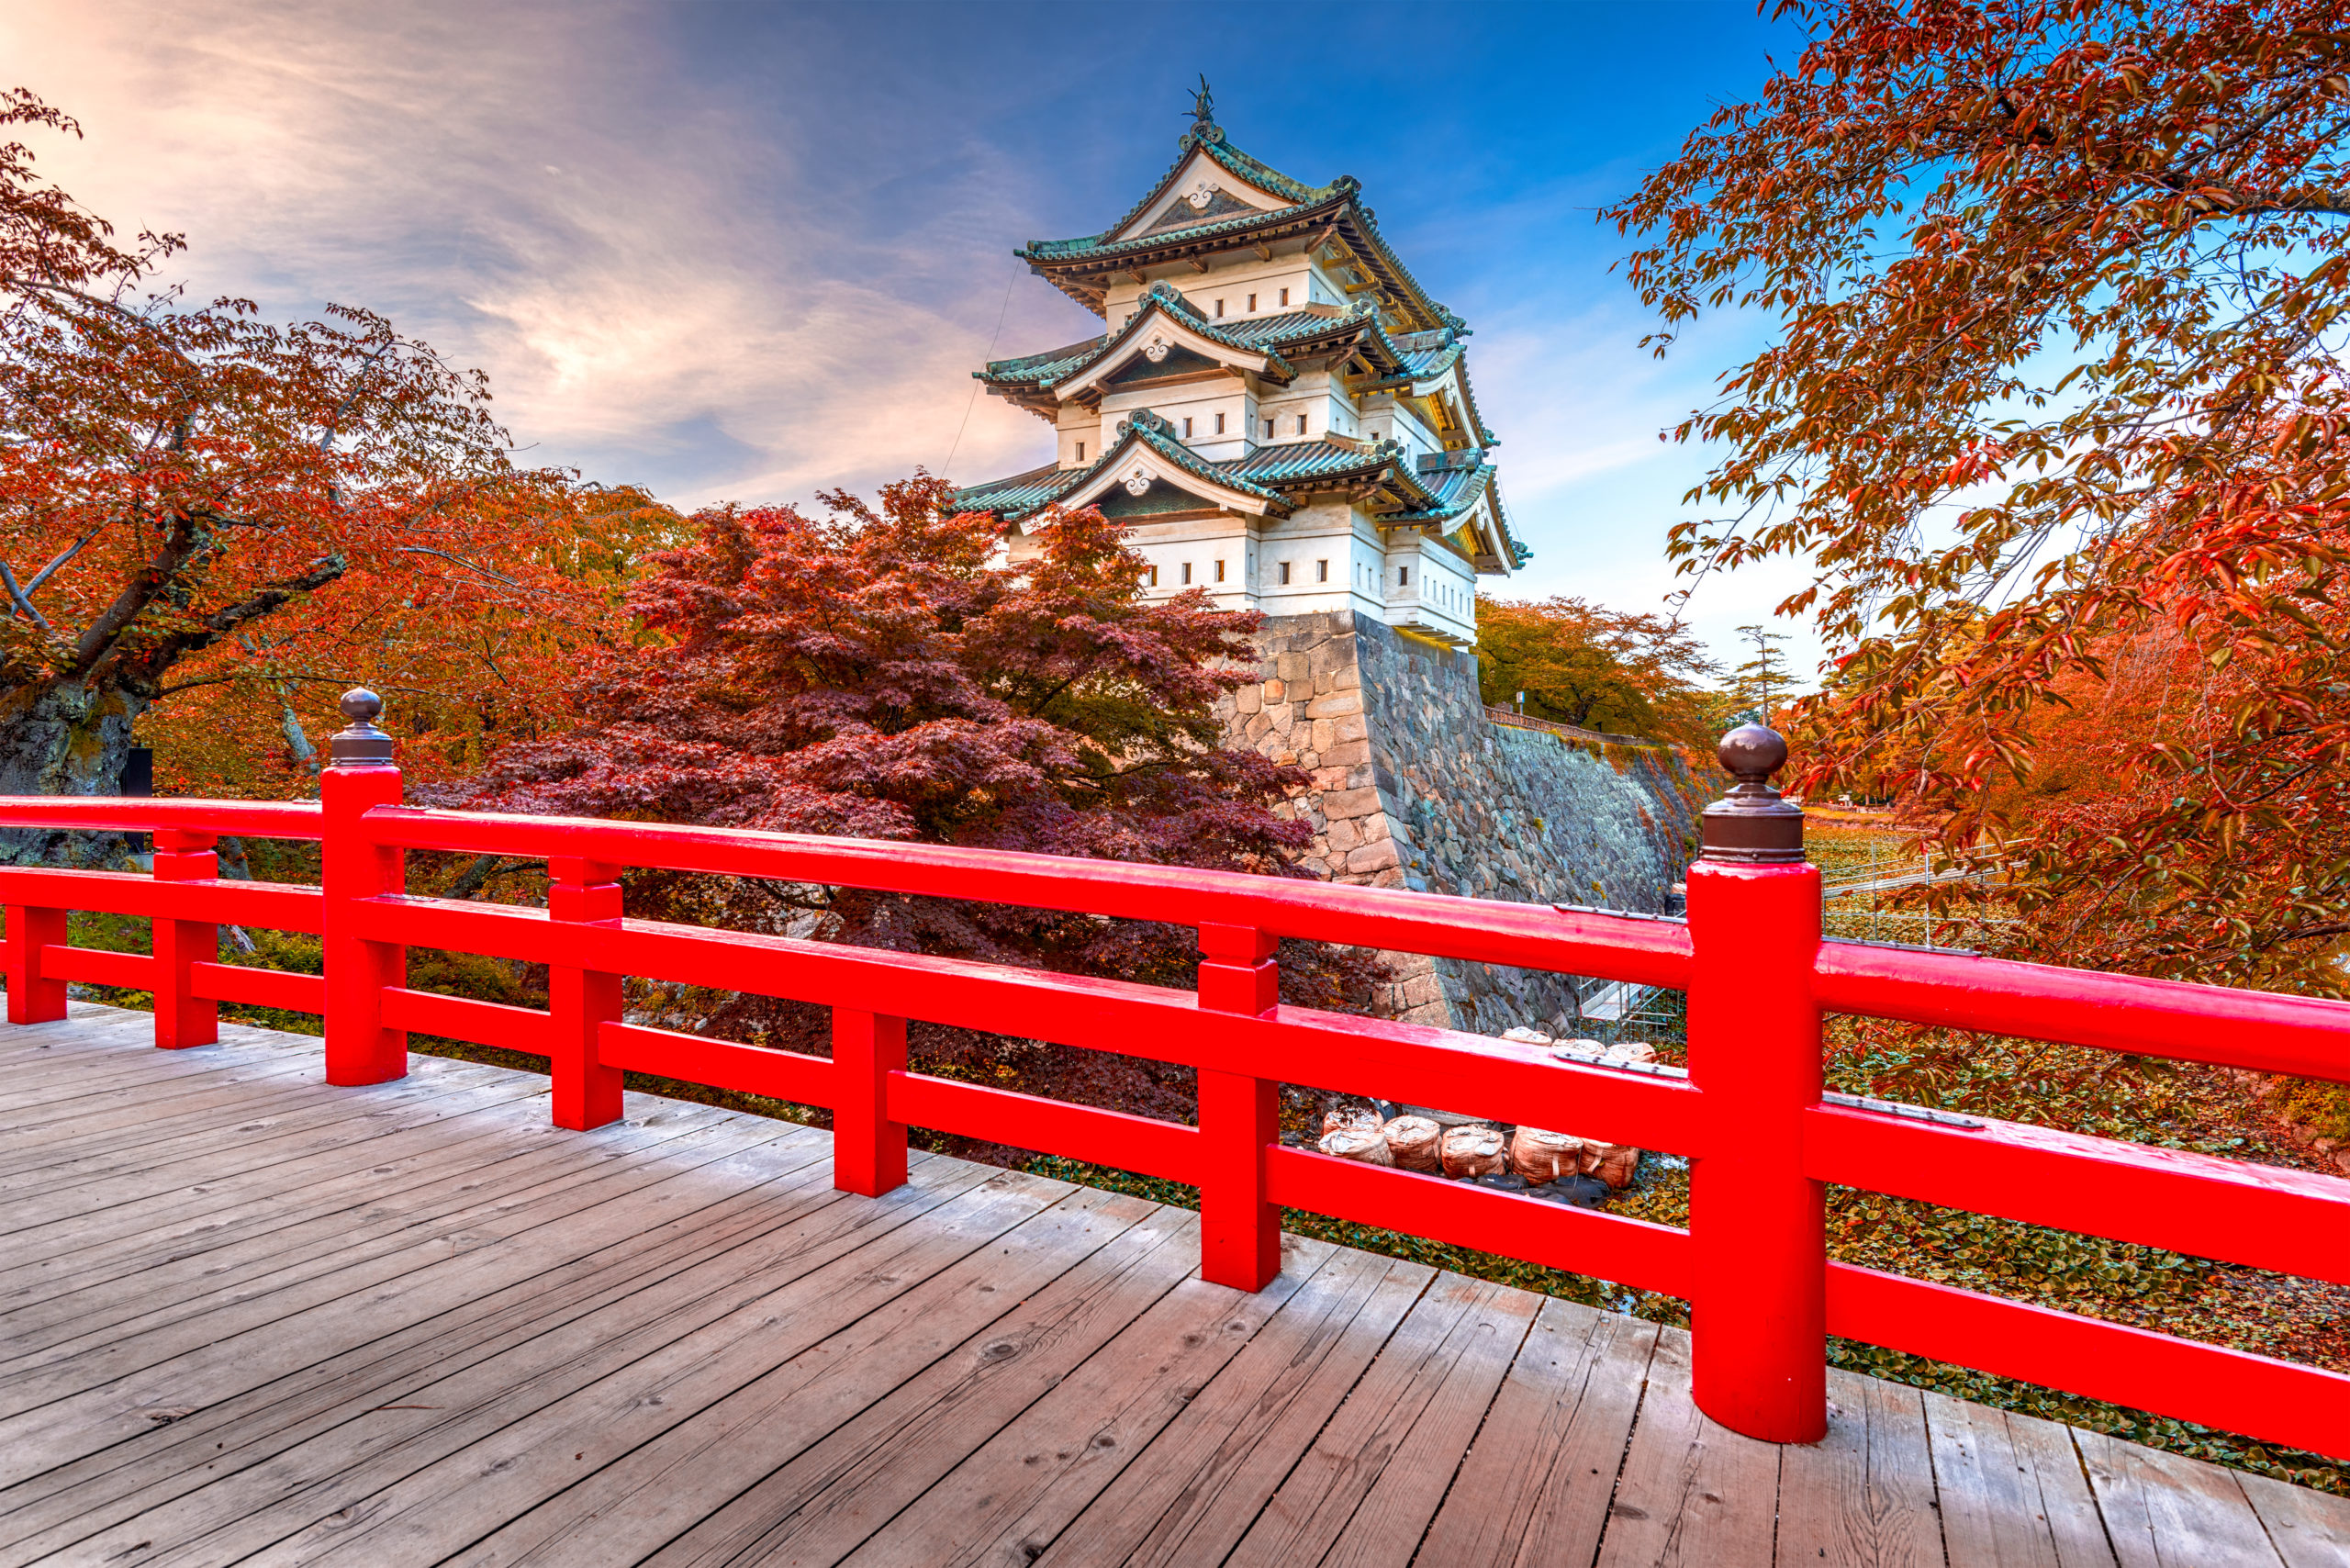 Japan ist faszinierend. Die Kosten für eine Japan Reise lohnen garantiert.